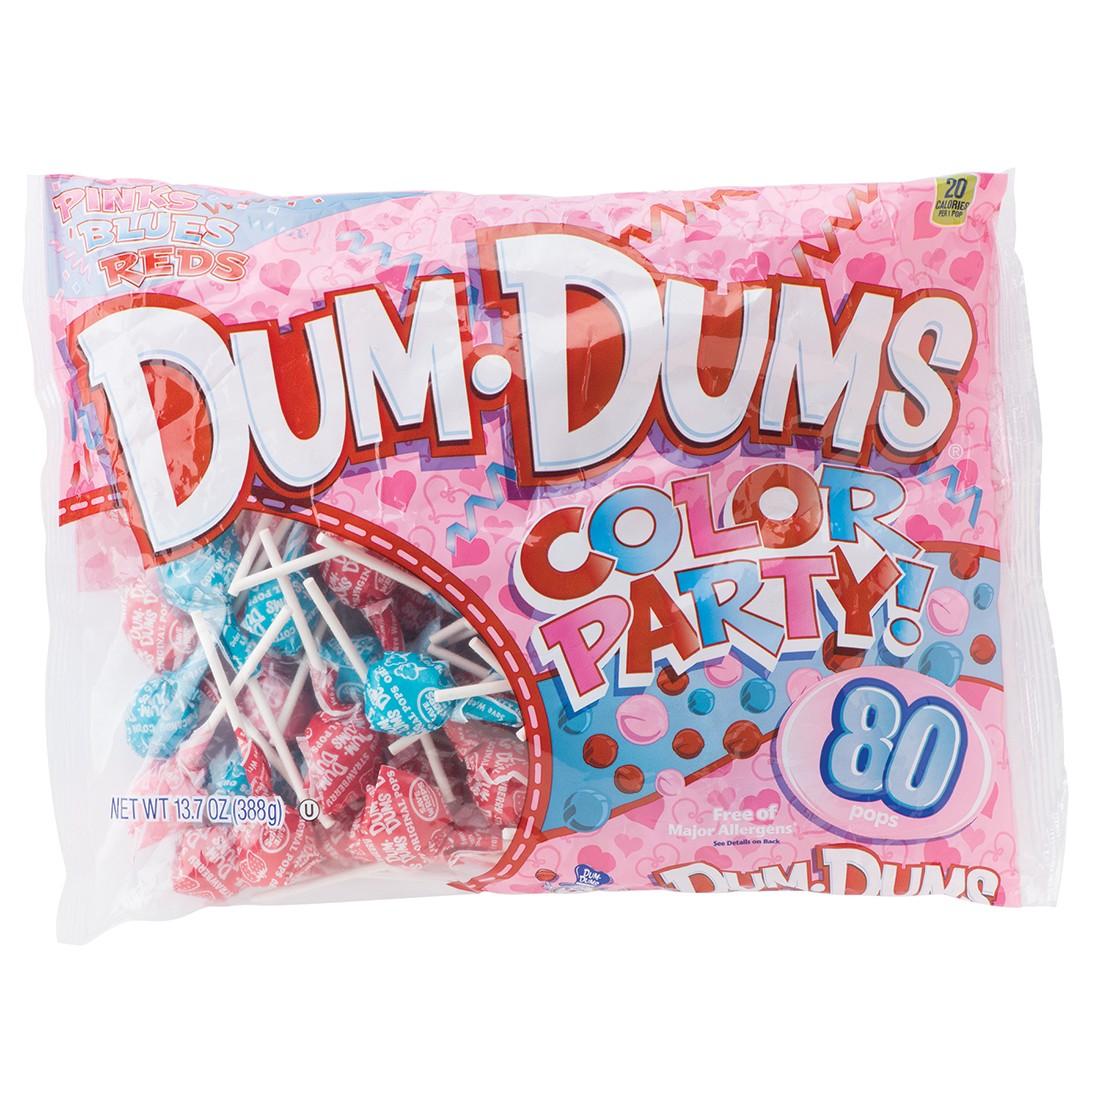 Pink, Red & Blue DumDums Lollipops [image]